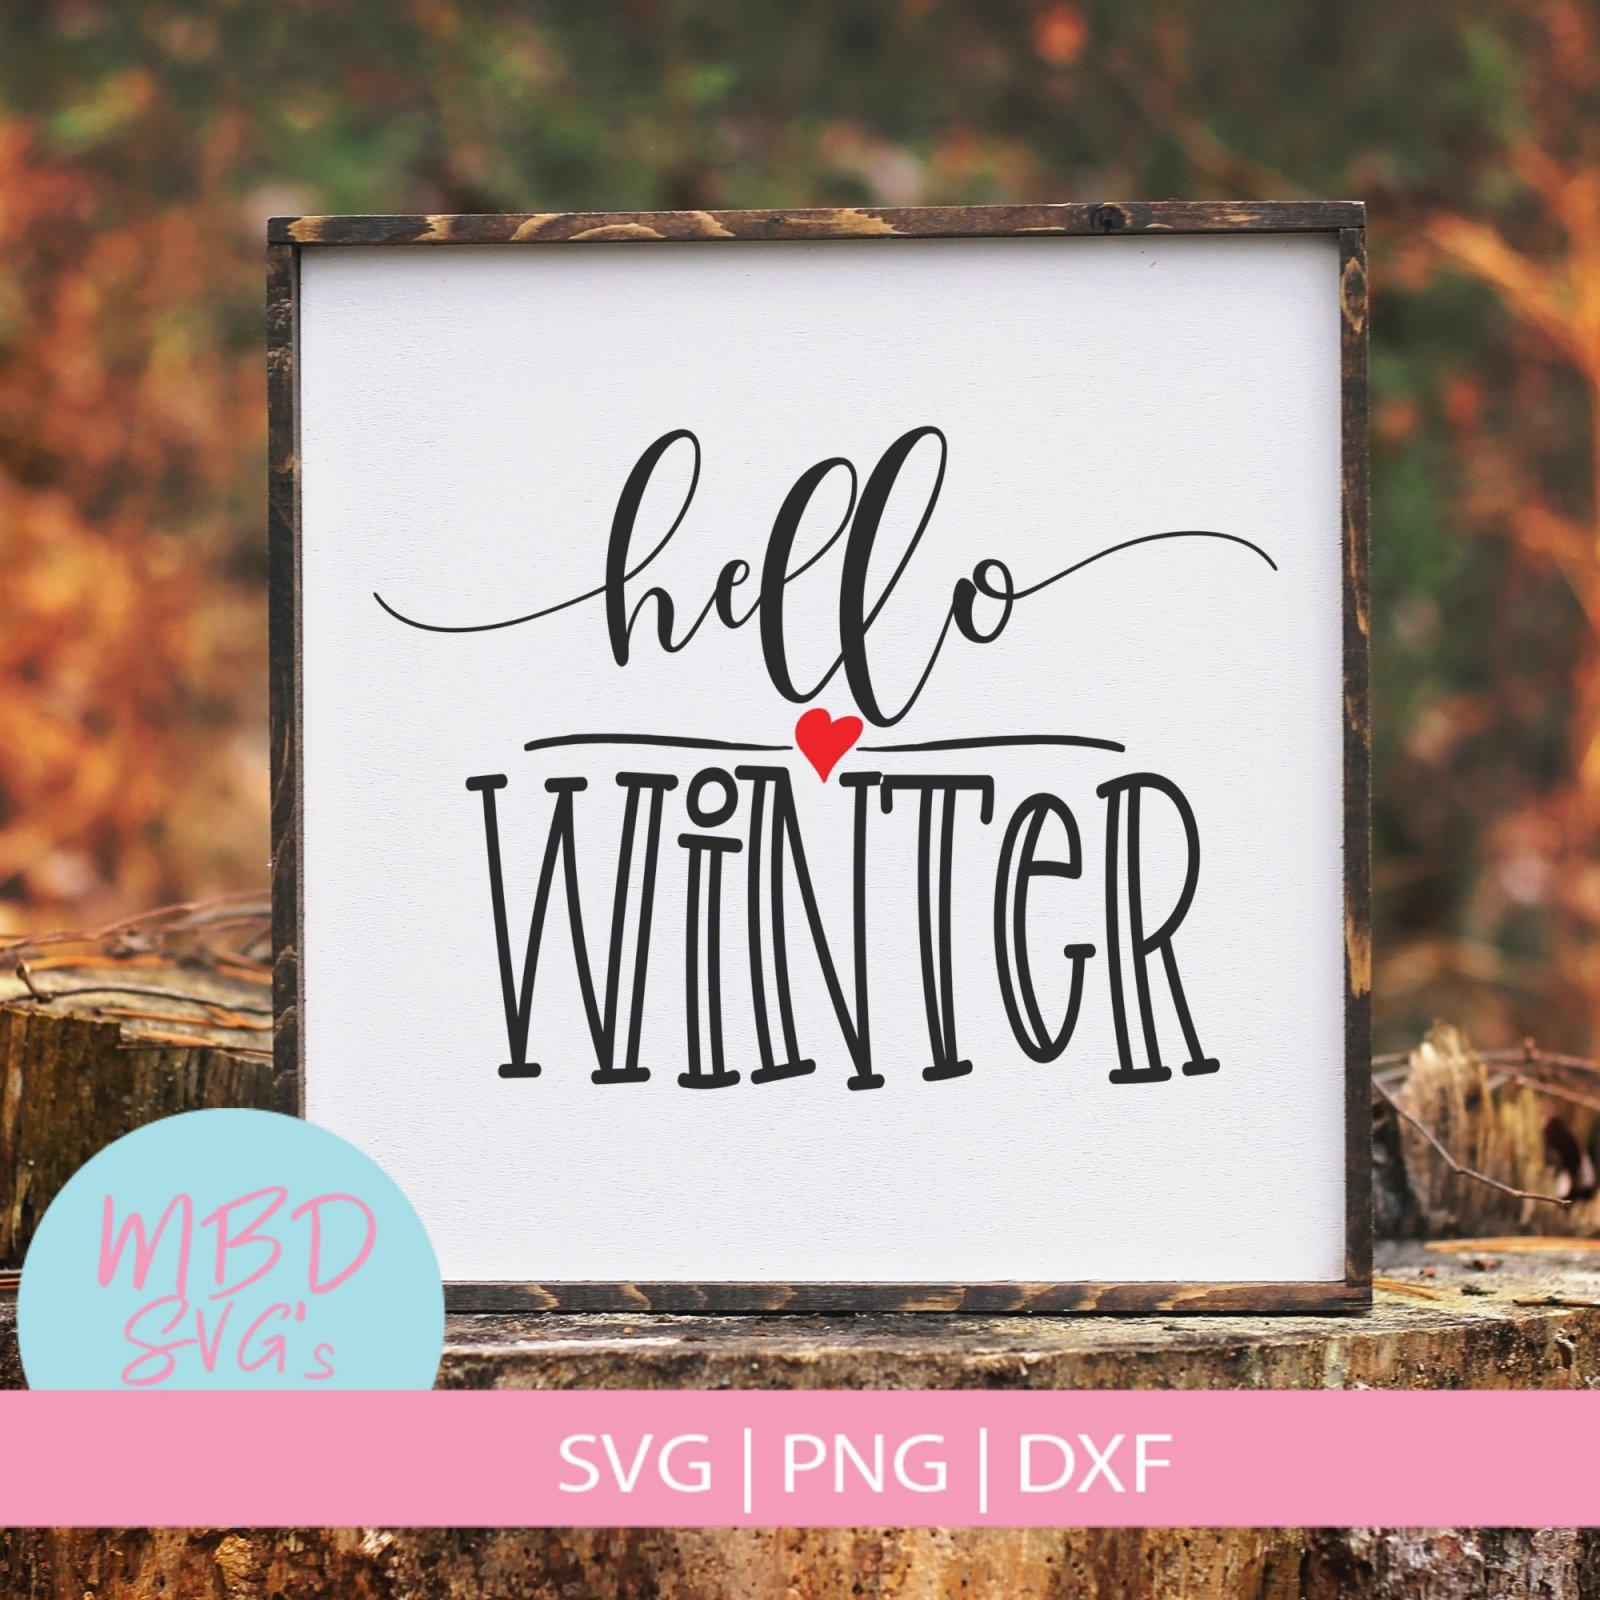 Hello Winter SVG File for Silhouette or Cricut  - copy